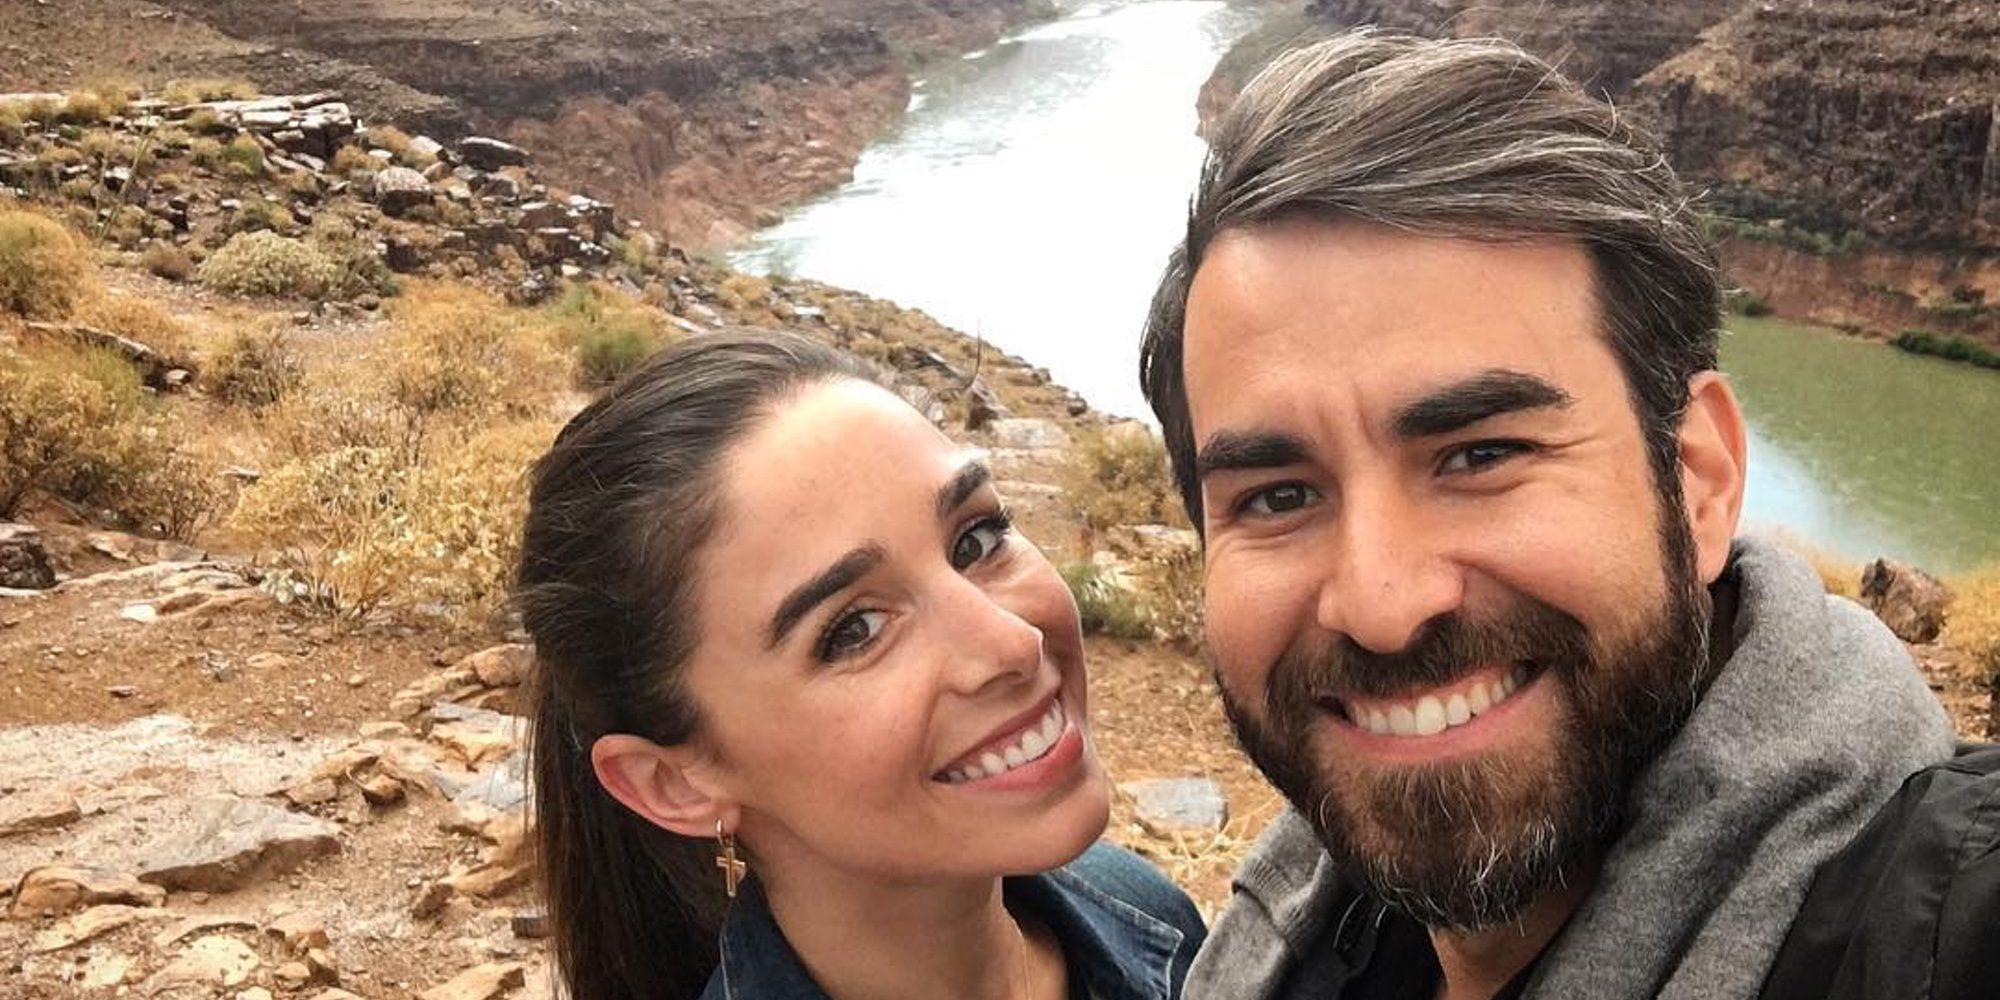 El verano de amor de Daniel Muriel y Candela Serrat: así viven su momento más romántico